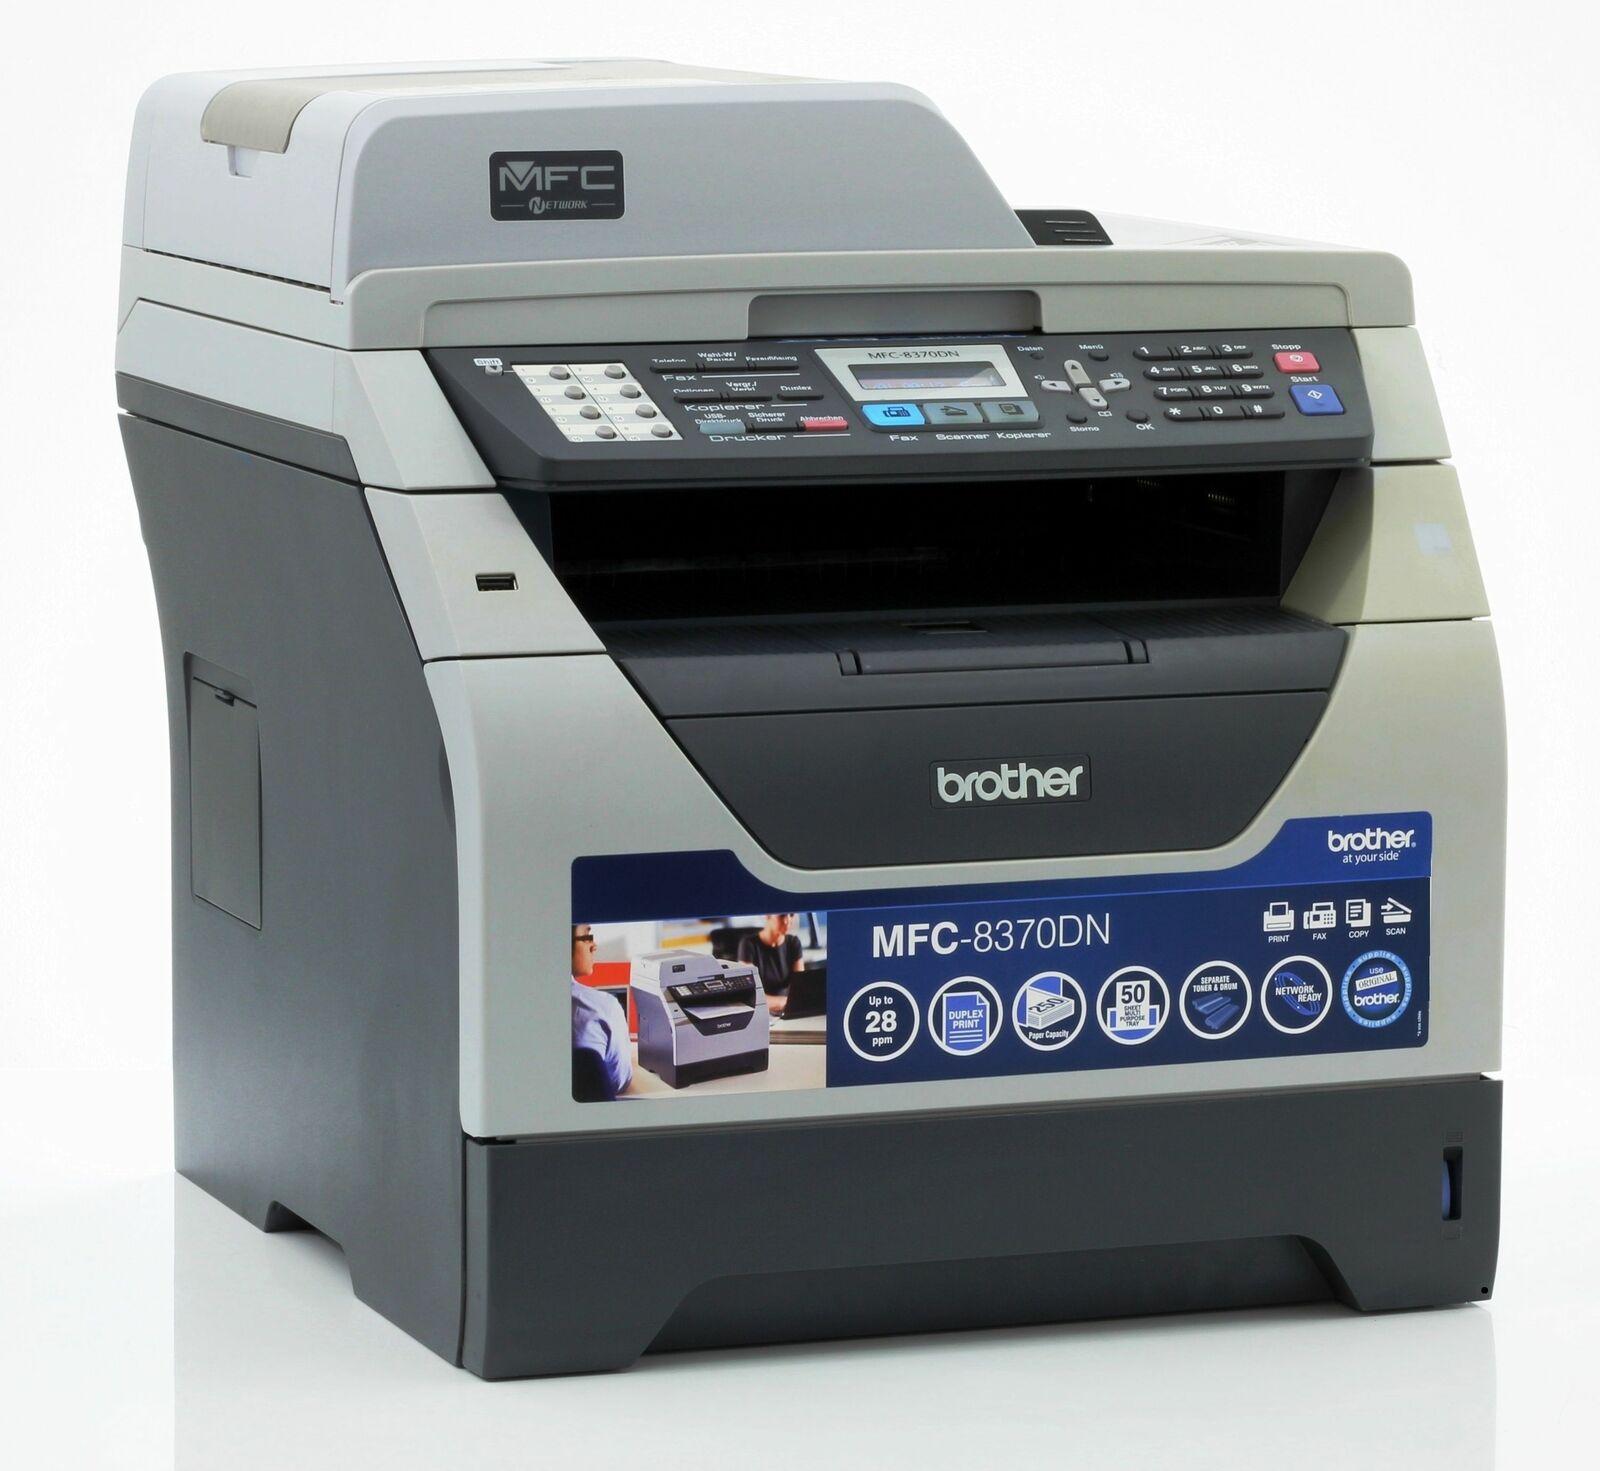 Brother mfc-8370dn imprimante laser scanner copieur fax utilisé